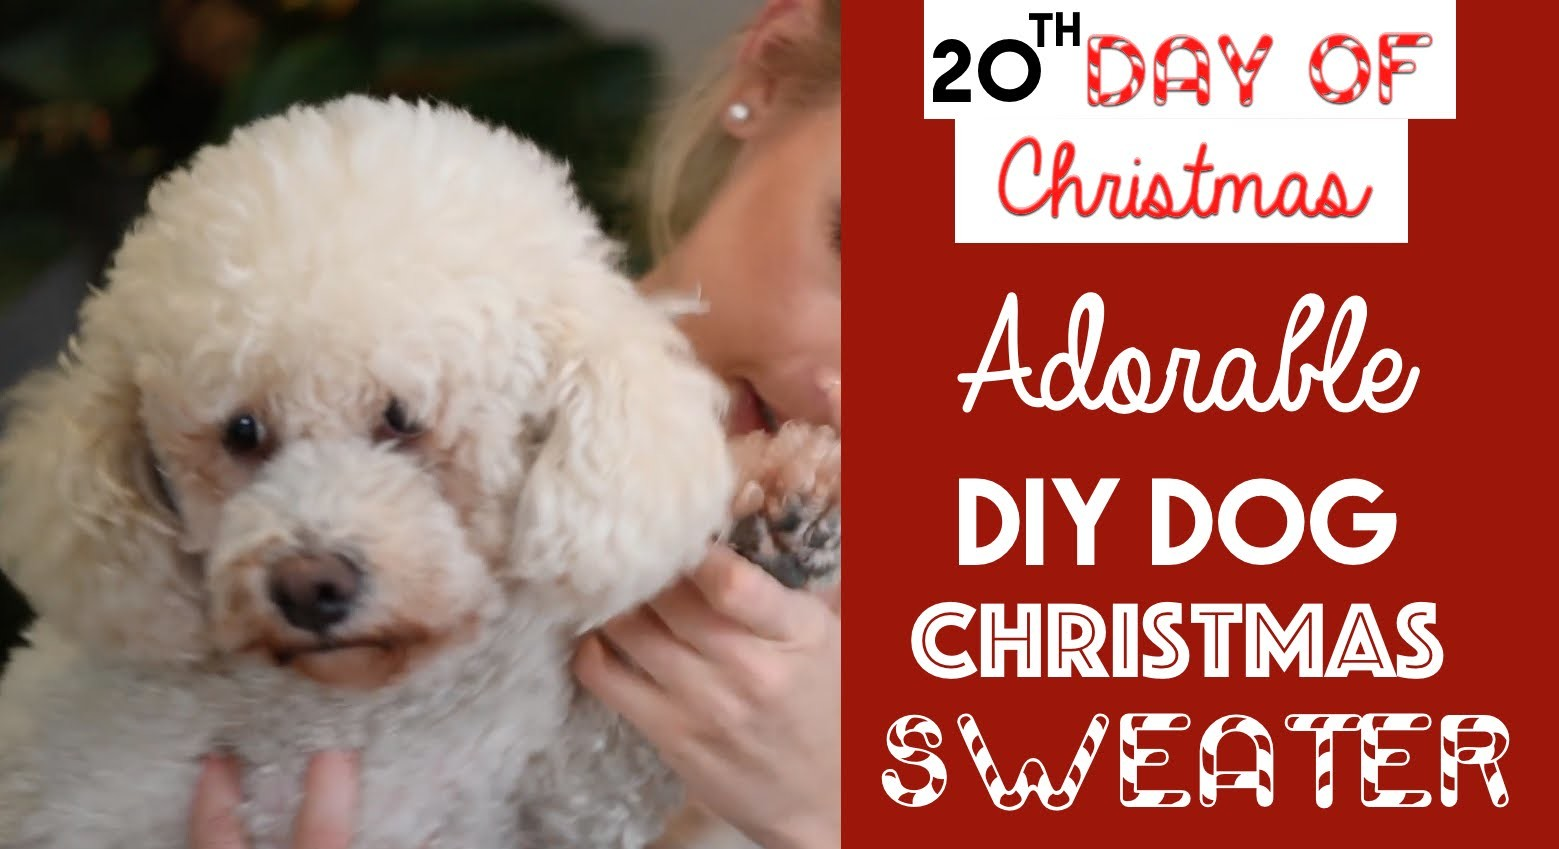 ADORABLE DIY Dog Christmas Sweater | 20th Day of Christmas 2015!